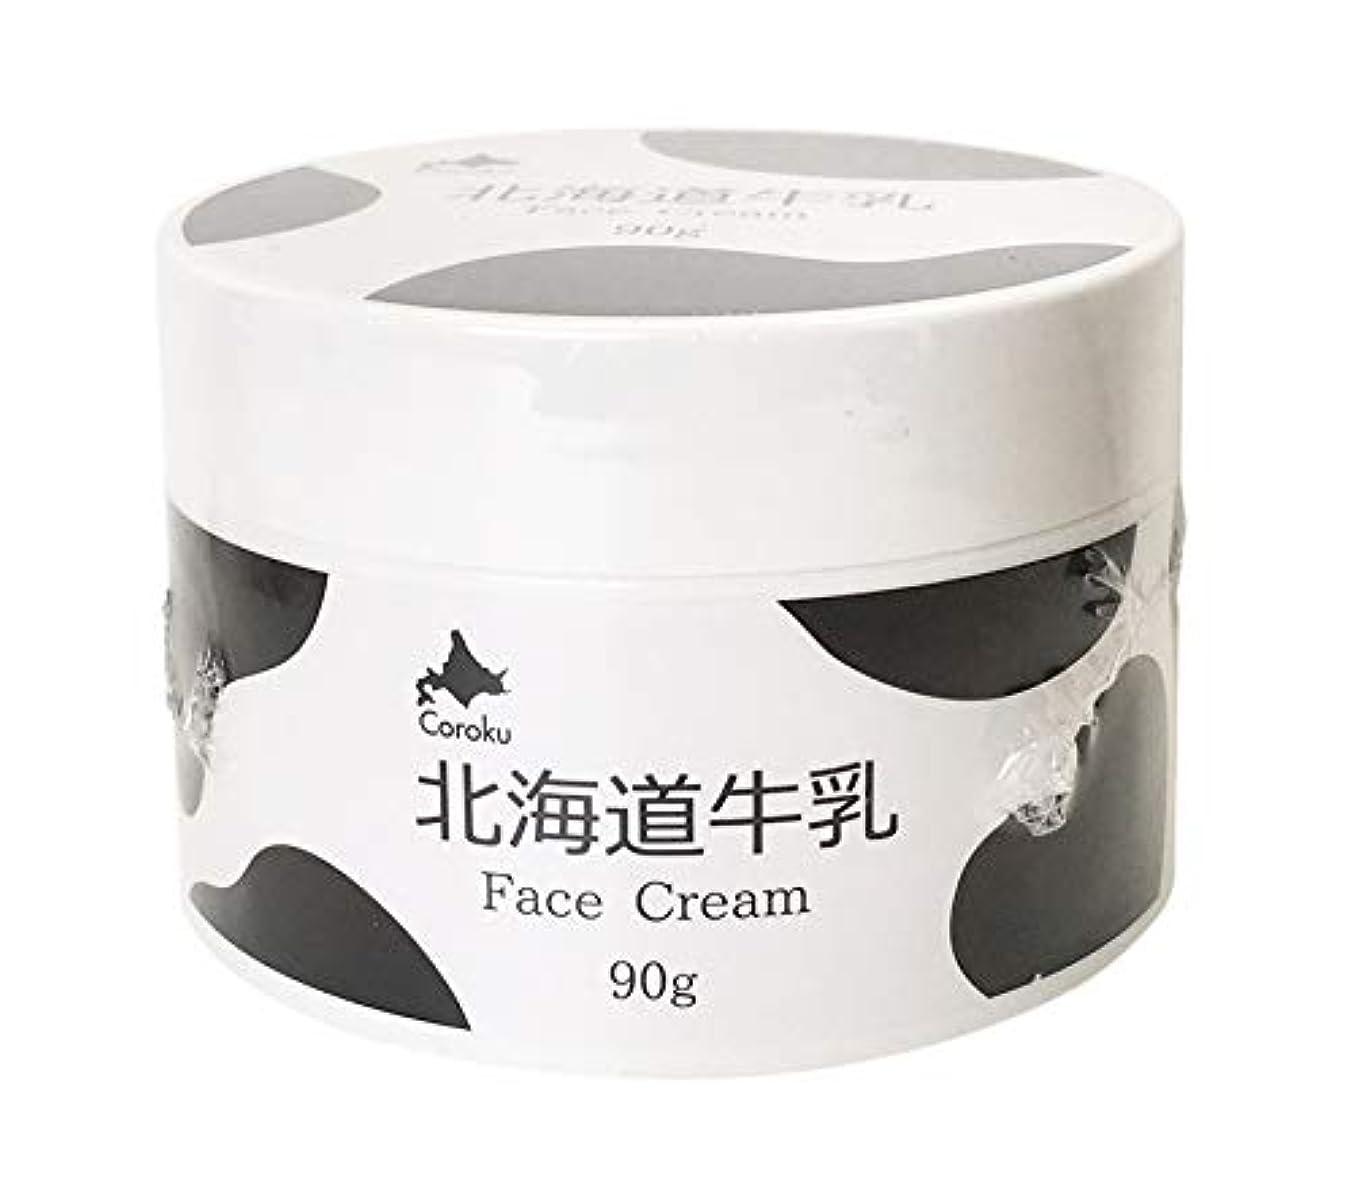 台無しに寛容振り向く北海道牛乳 フェイスクリーム FACE CREAM